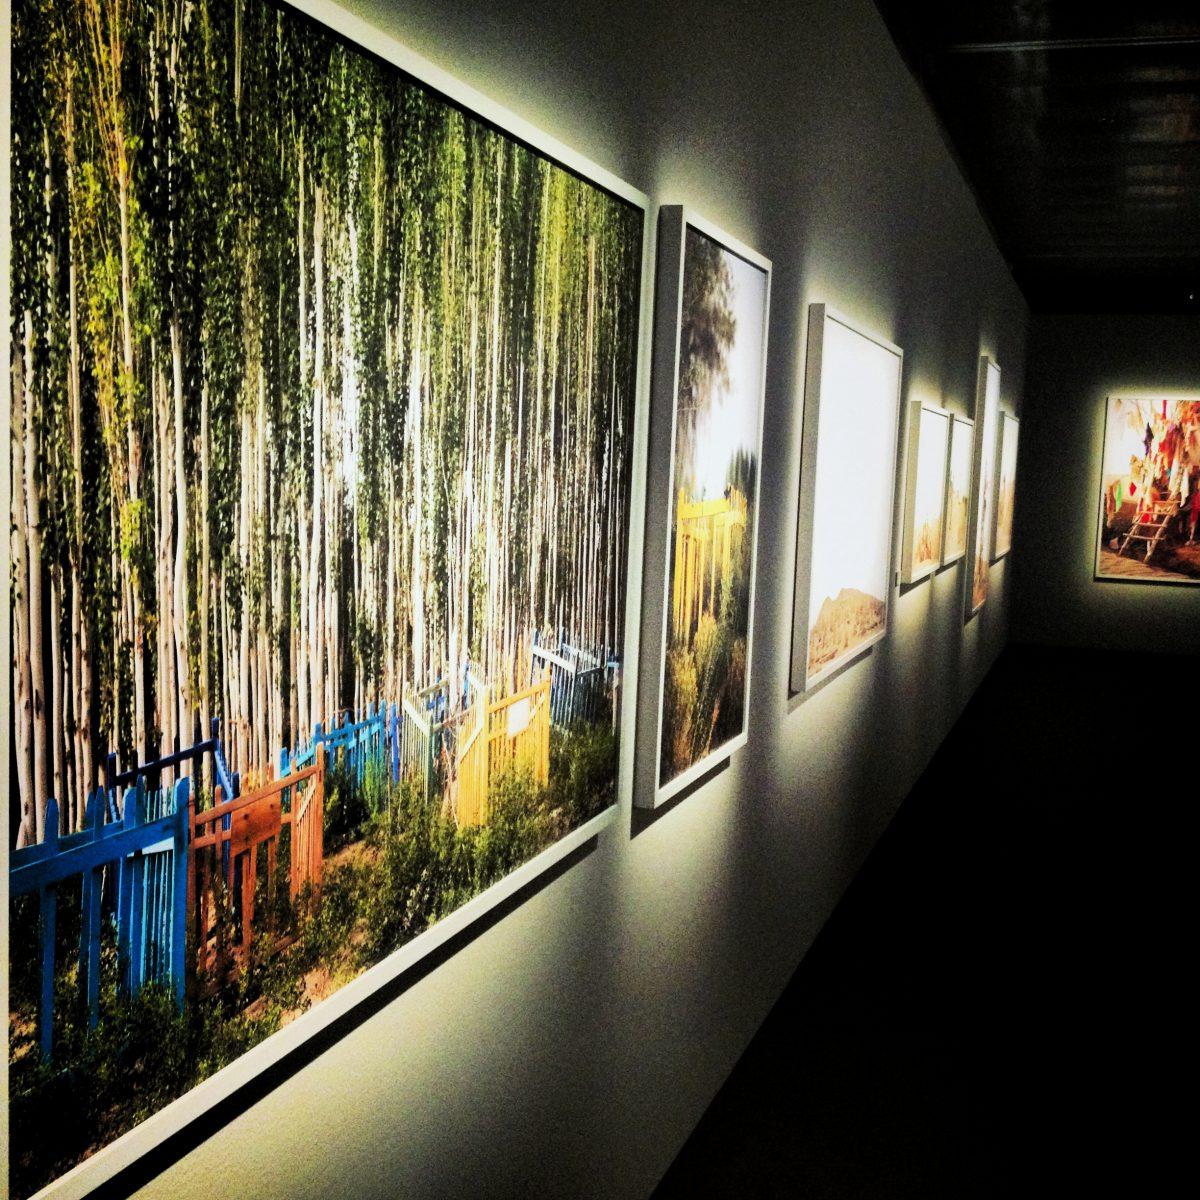 Exposición en el Fotografiska Foto: Israel Ubeda / sweetsweden.com